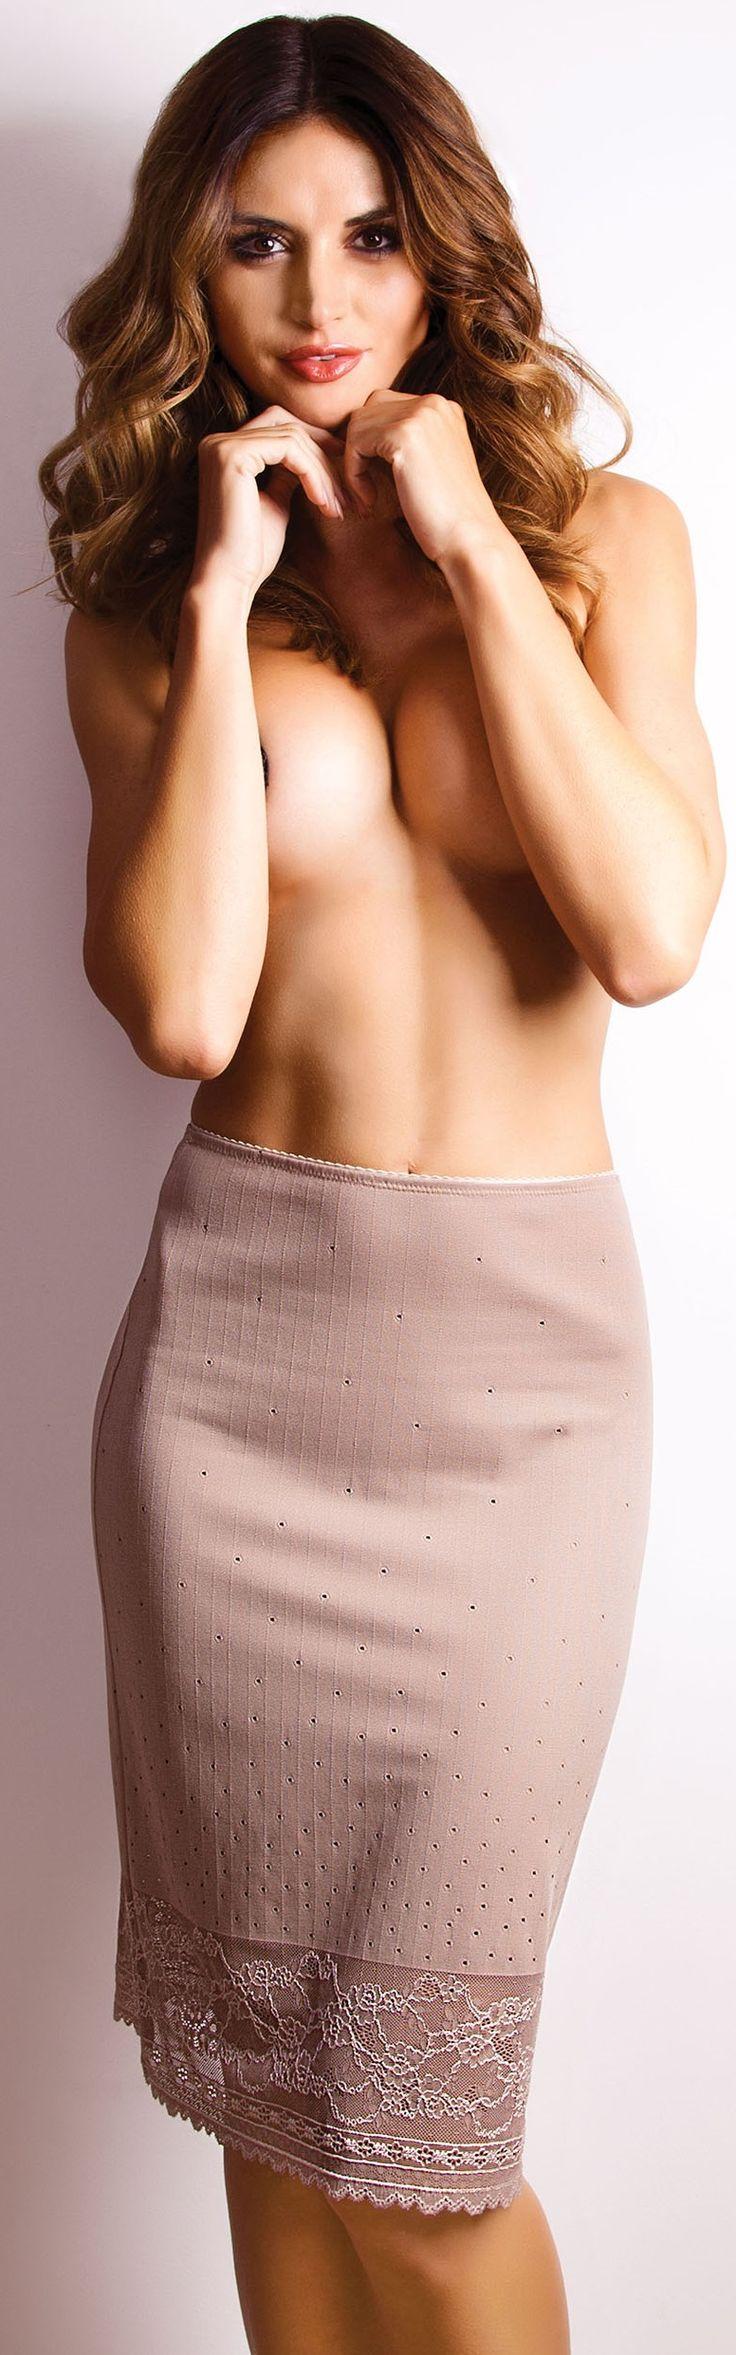 Seksowna półhalka uszyta z najwyższej jakości materiału w połączeniu z koronką, która sprawi, że każda kobieta będzie w niej wyglądać uwodzicielsko. Materiał z którego jest wykonana idealnie układa się na ciele podkreślając uda i pośladki. Dolna część halki została wykończona seksownym pasem koronki, dodającym całości wyjątkowego uroku. Model dostępny w dwóch klasycznych wersjach kolorystycznych.Skład surowcowy: 70% poliester, 25% poliamid, 5% elastan.Rozmiary odpowiadają:S - talia 64cm…